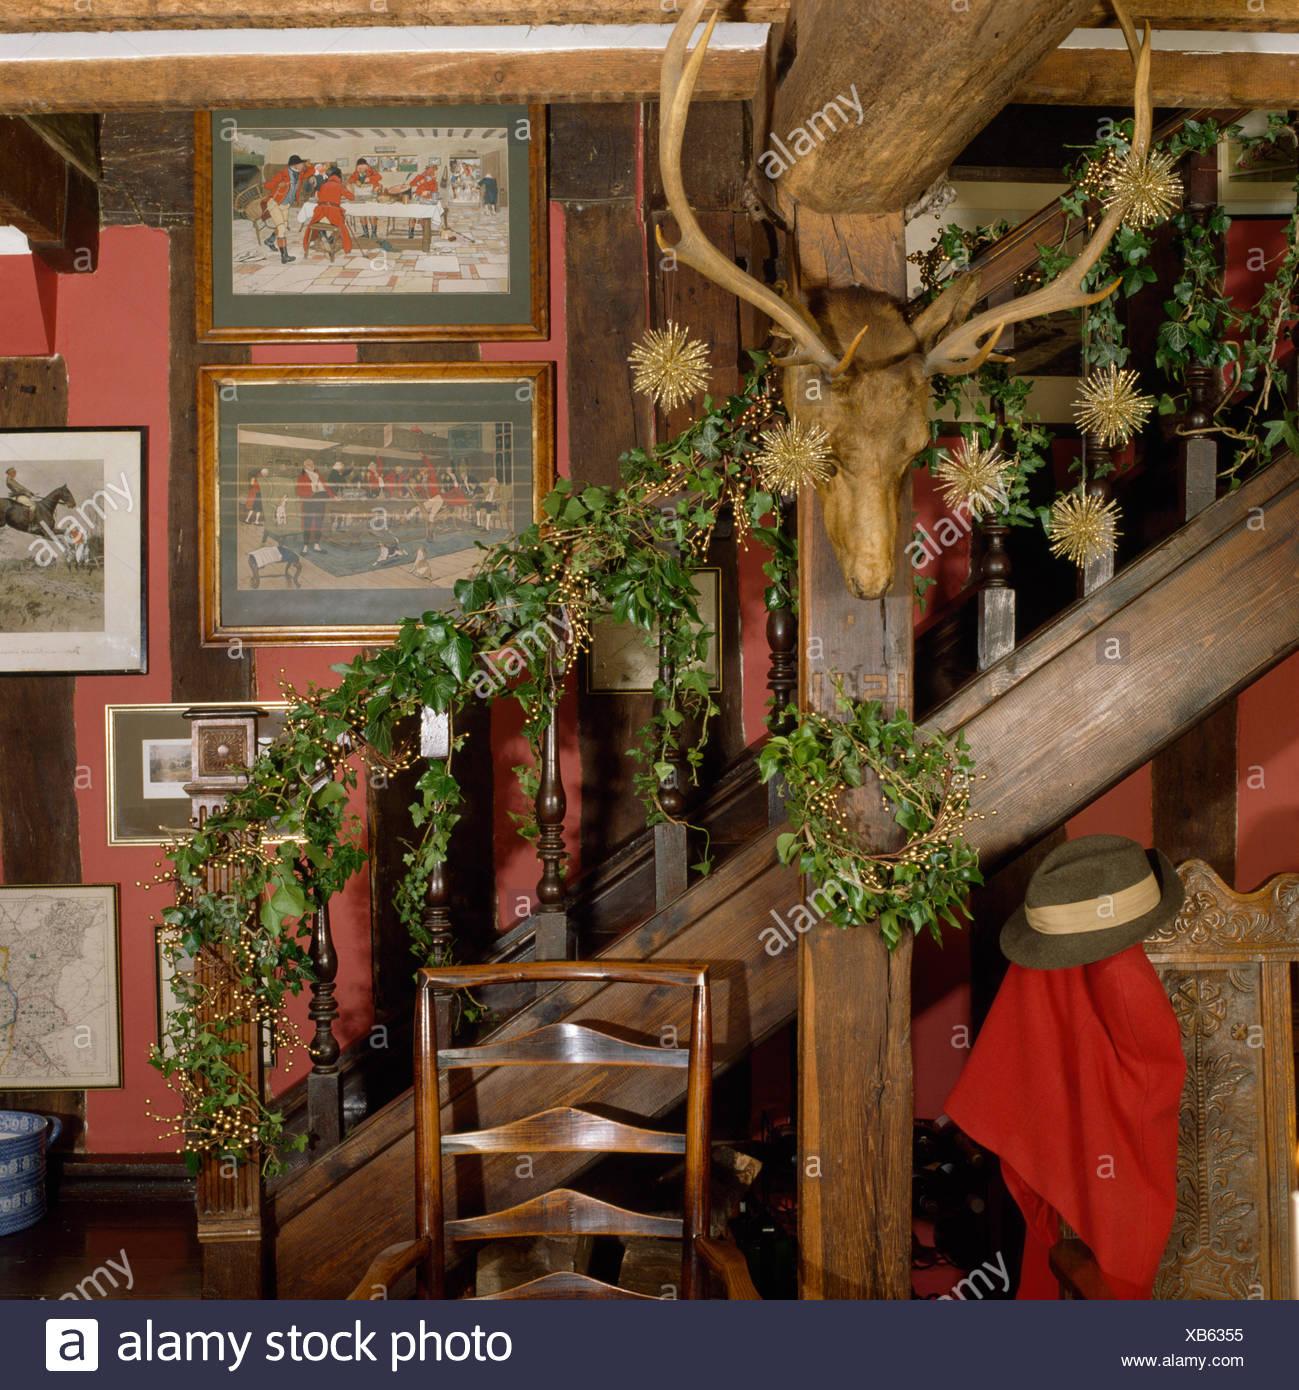 Marvelous Geweihe Und Treppe Mit Frischen Efeu Und Laub Kranz Auf Im Ferienhaus Saal  Dekoriert Für Weihnachten